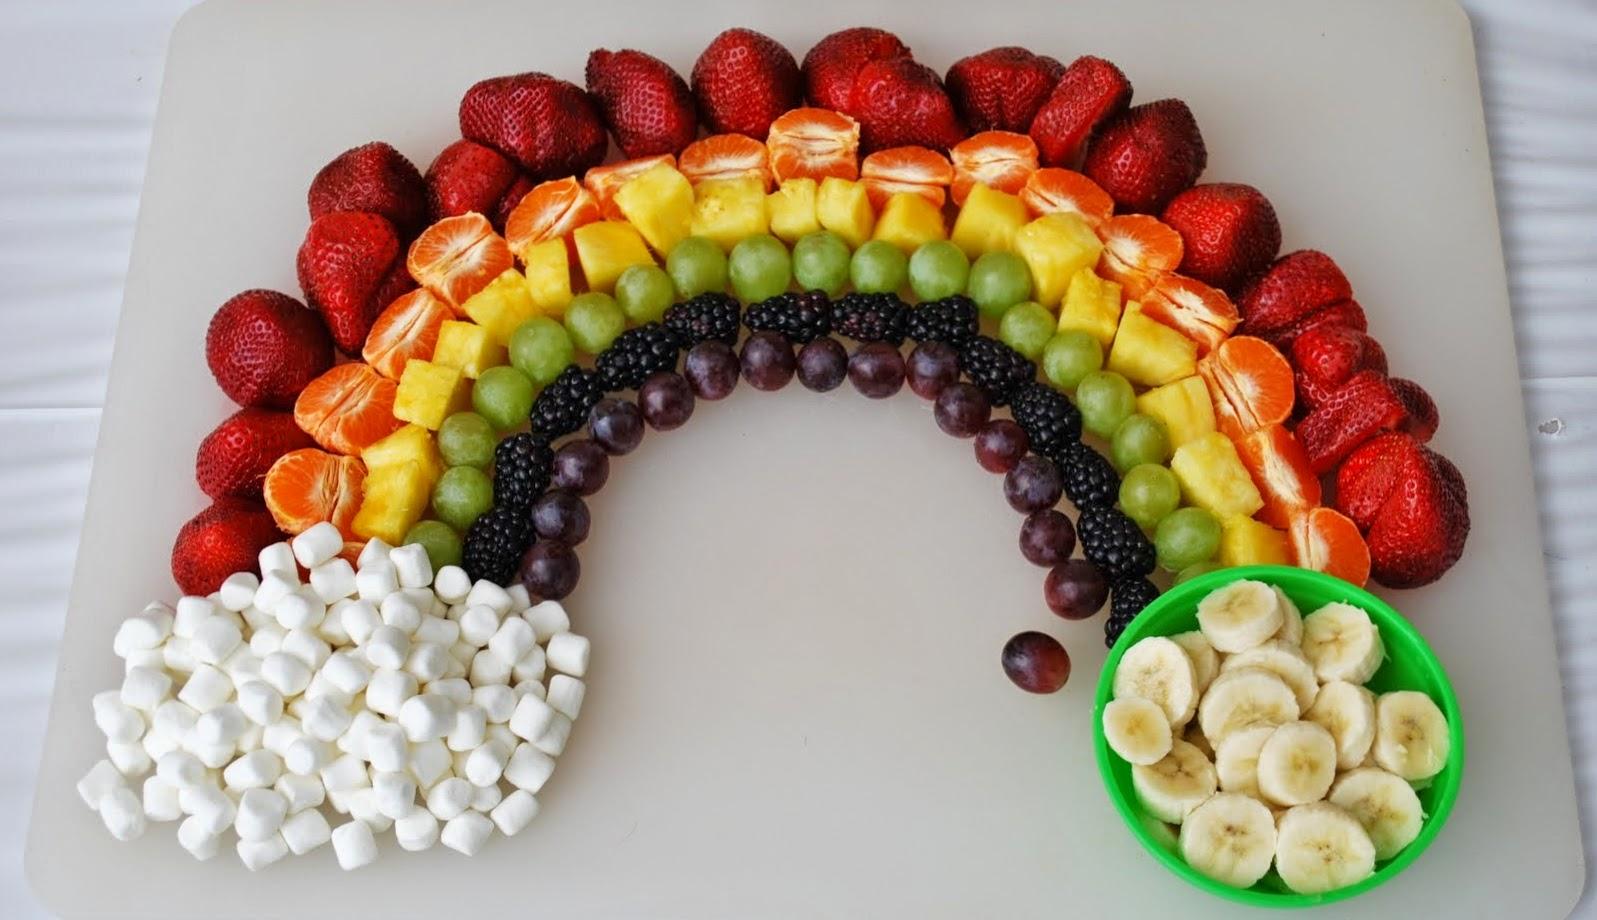 Как красиво нарезать фрукты в домашних условиях фото пошагово